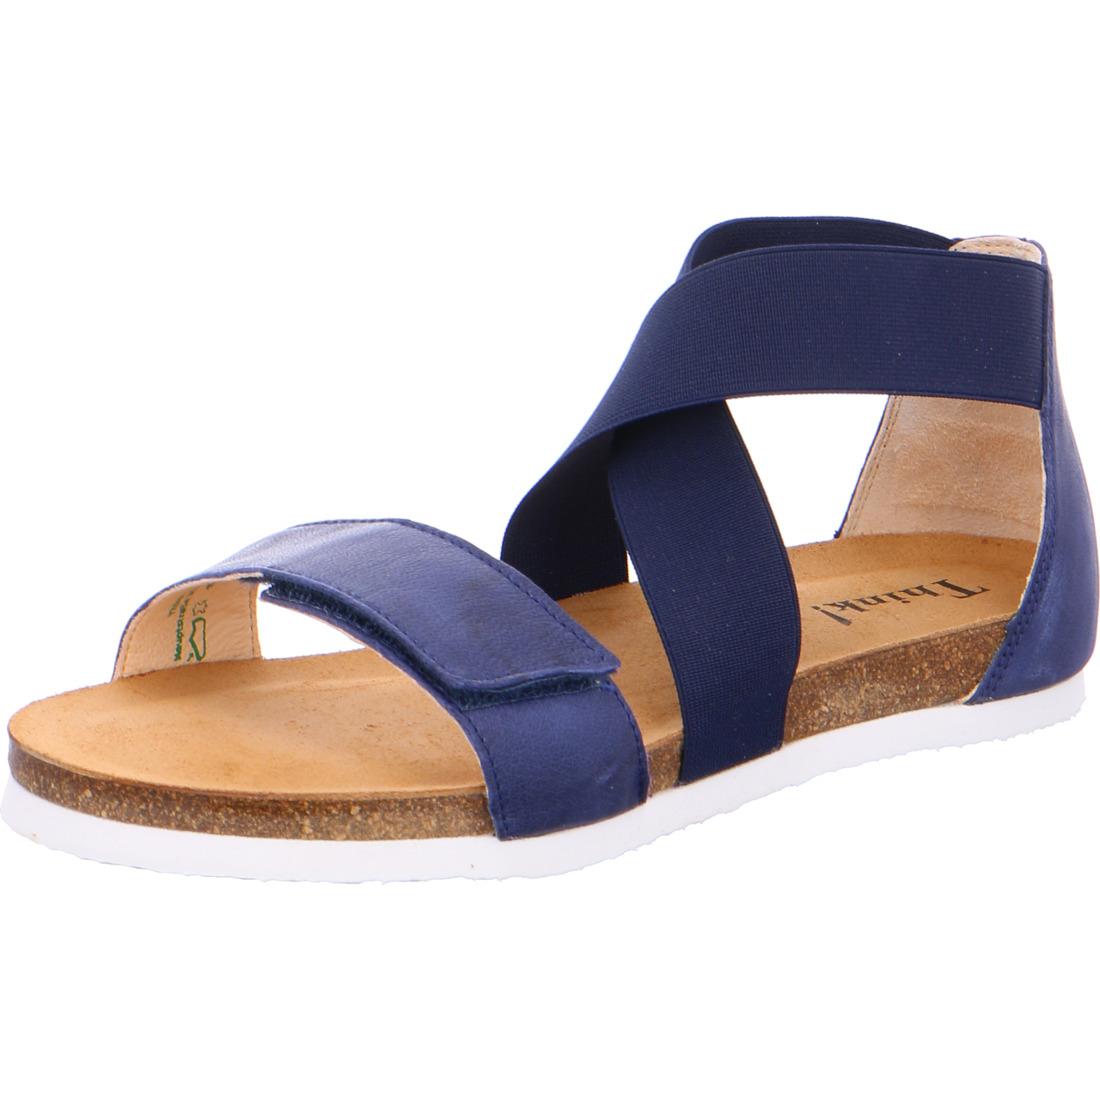 think sandale shik sandalen damen think store. Black Bedroom Furniture Sets. Home Design Ideas